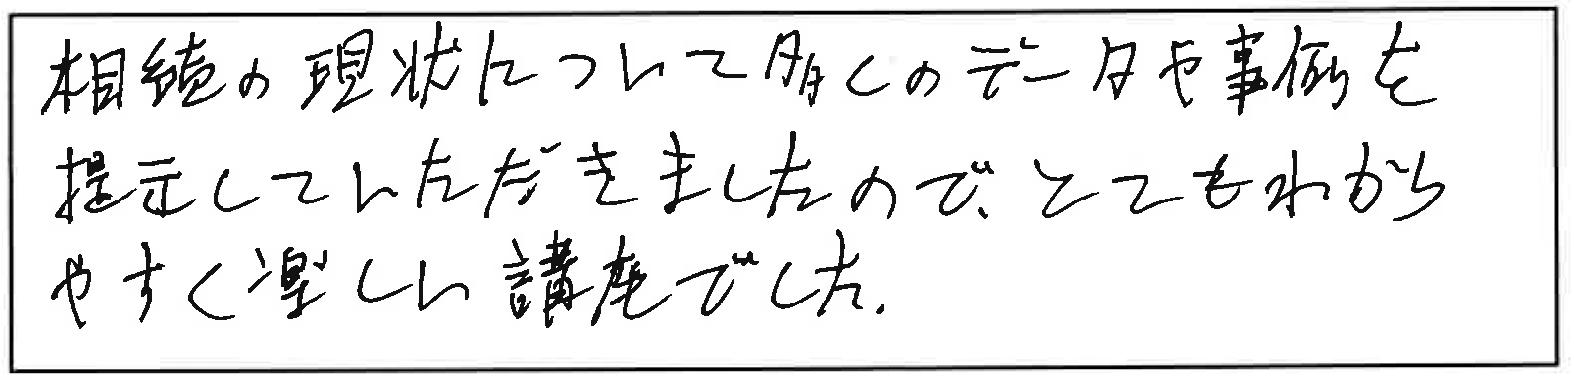 吉澤塾 半年コースの参加者の声画像201